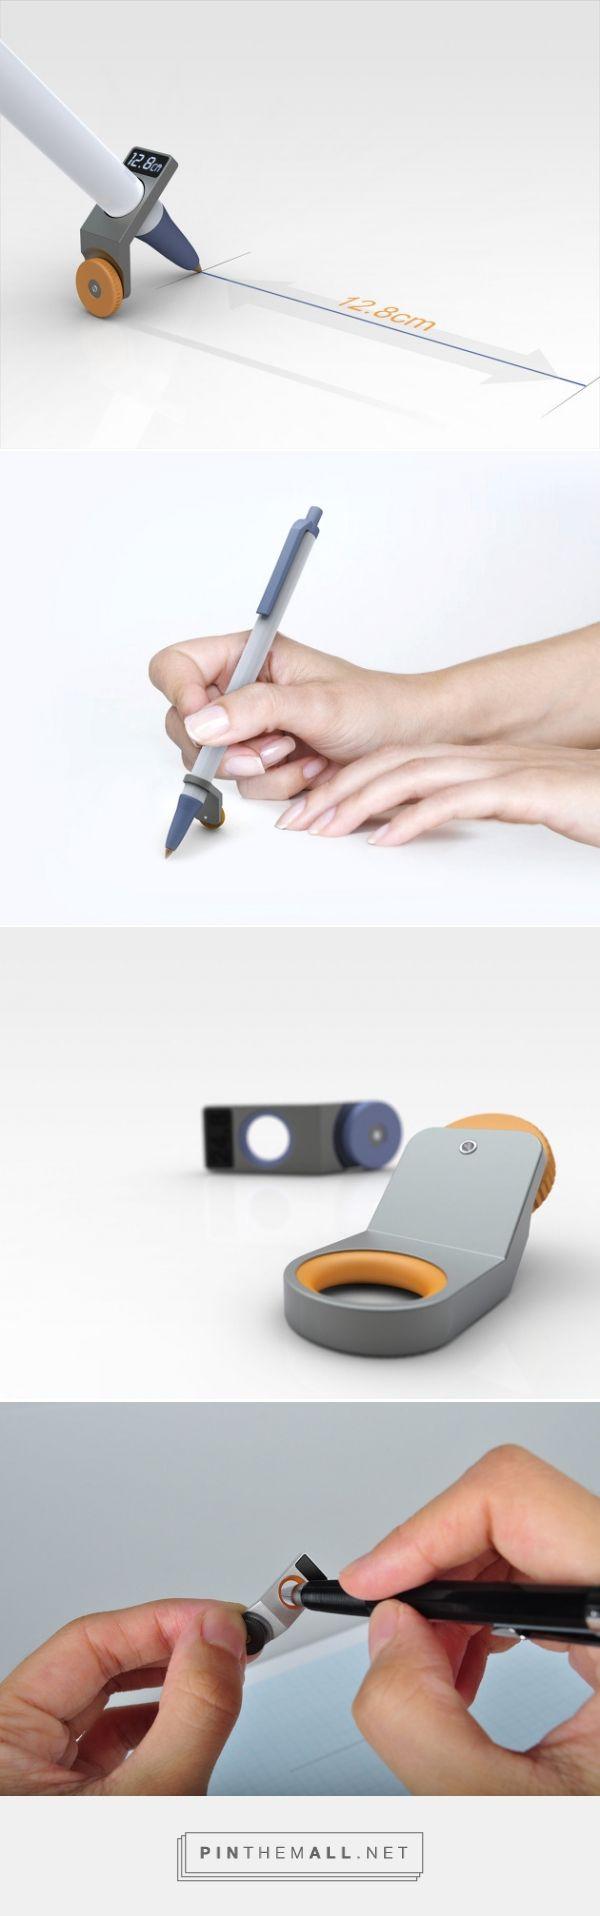 Una pequea herramienta para facilitar este oficio de arquitecto como el Constrained  Ball de Gihawoo Design